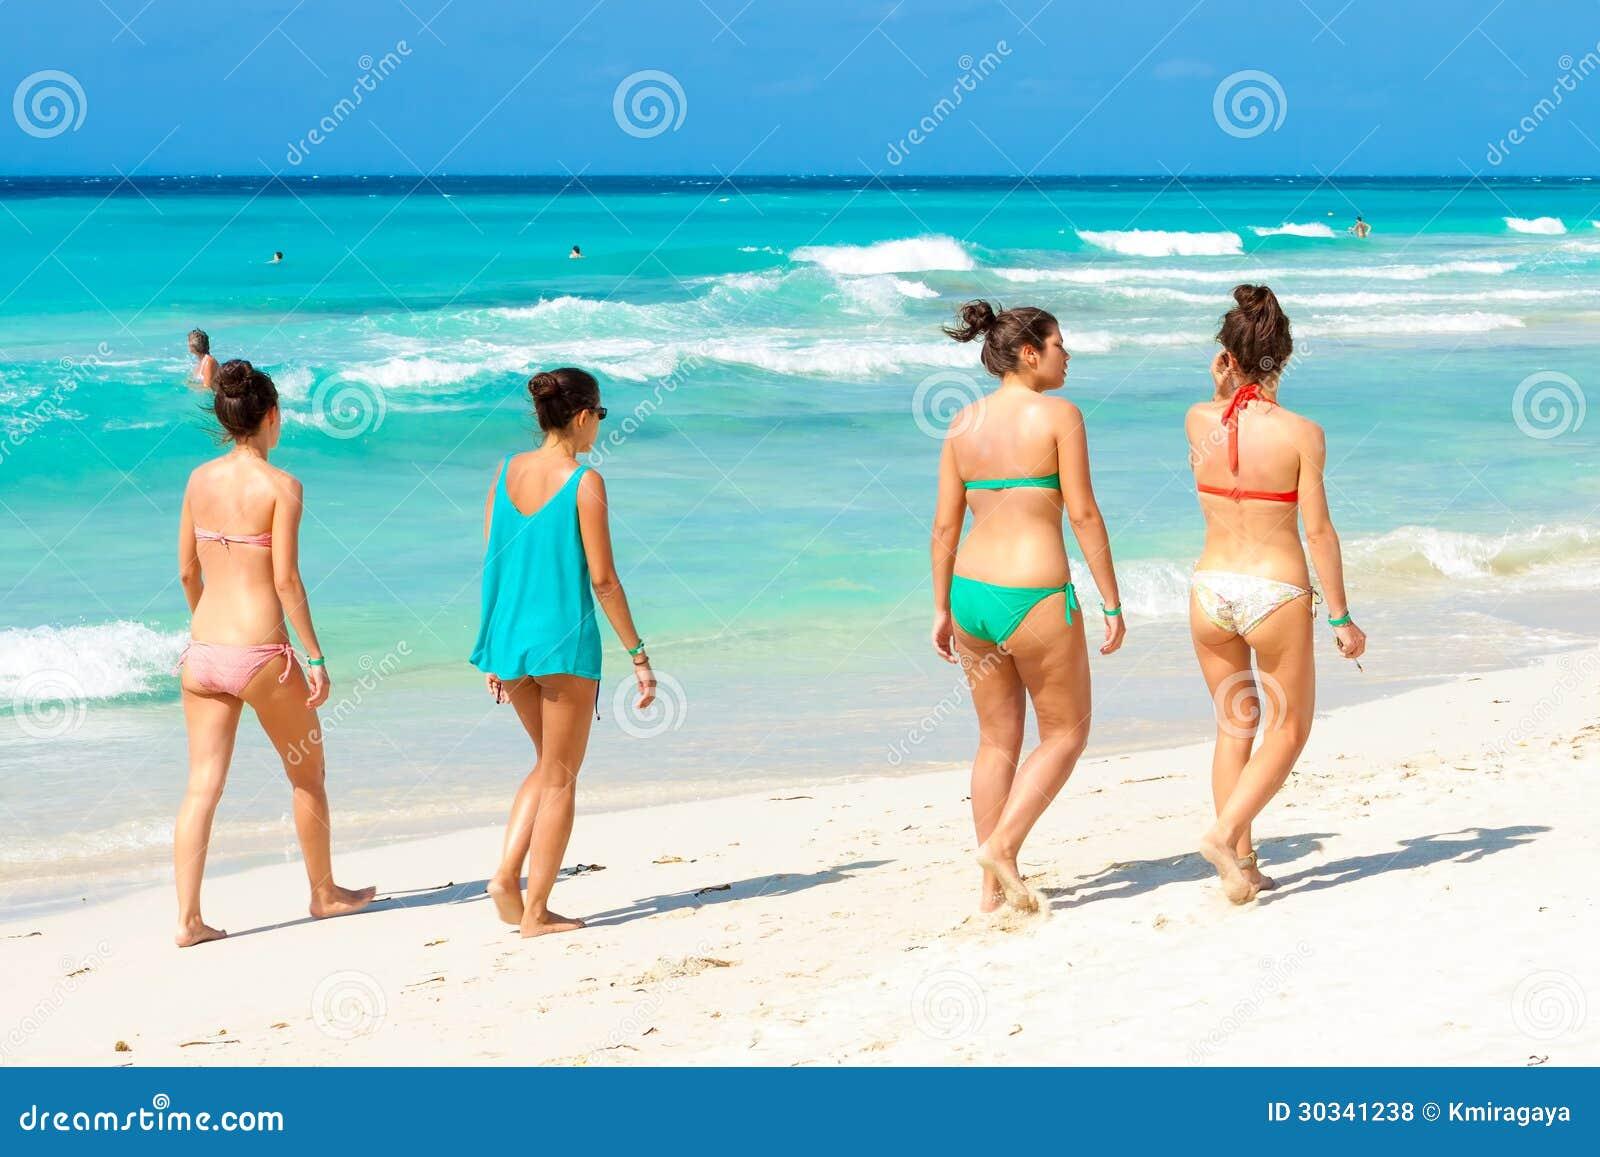 Кубинские женщины пляж фото